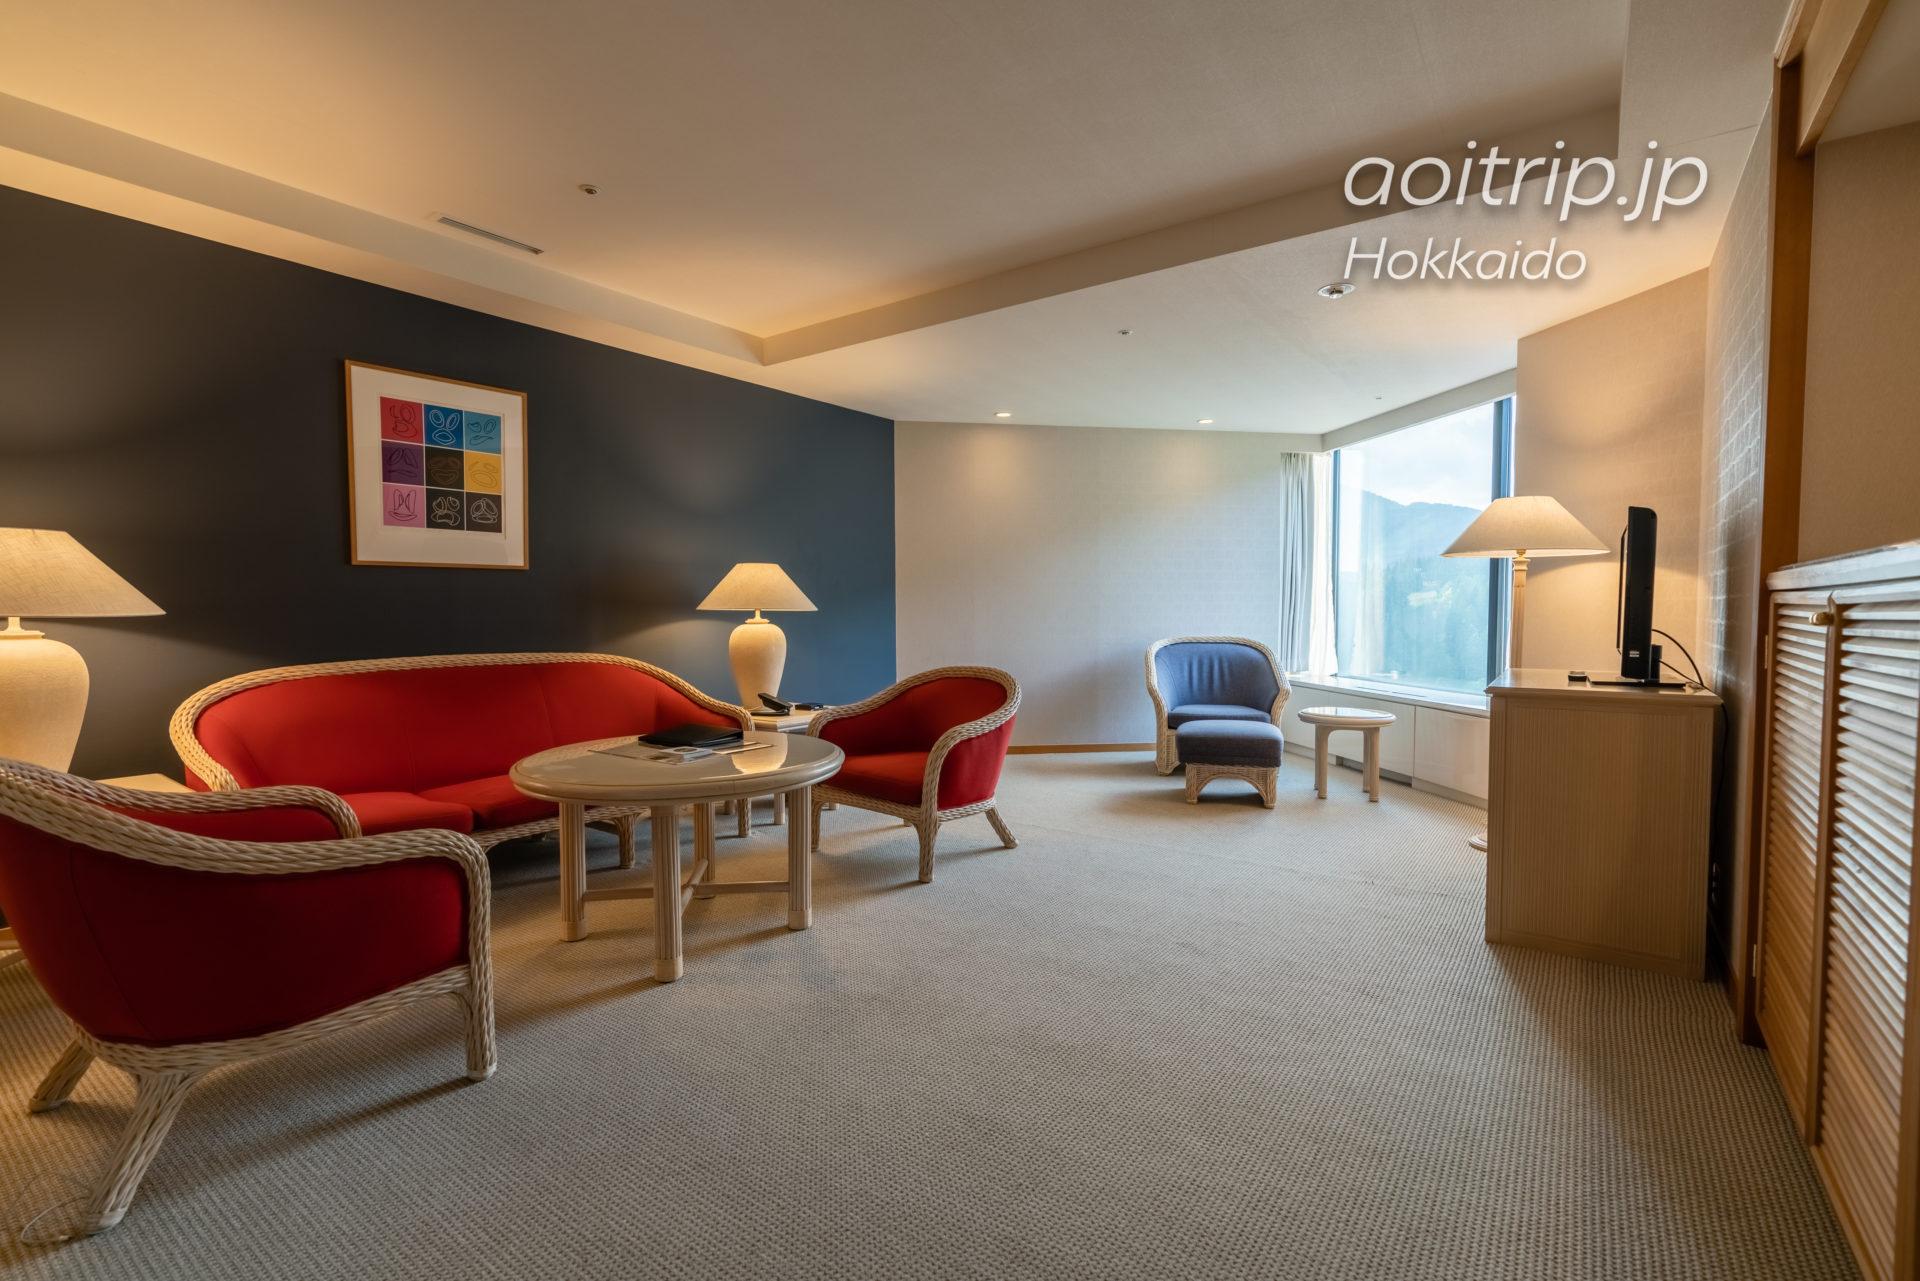 星野リゾート リゾナーレトマム 宿泊記|Hoshino Risonare Tomamu スイートツインルームのリビングルーム